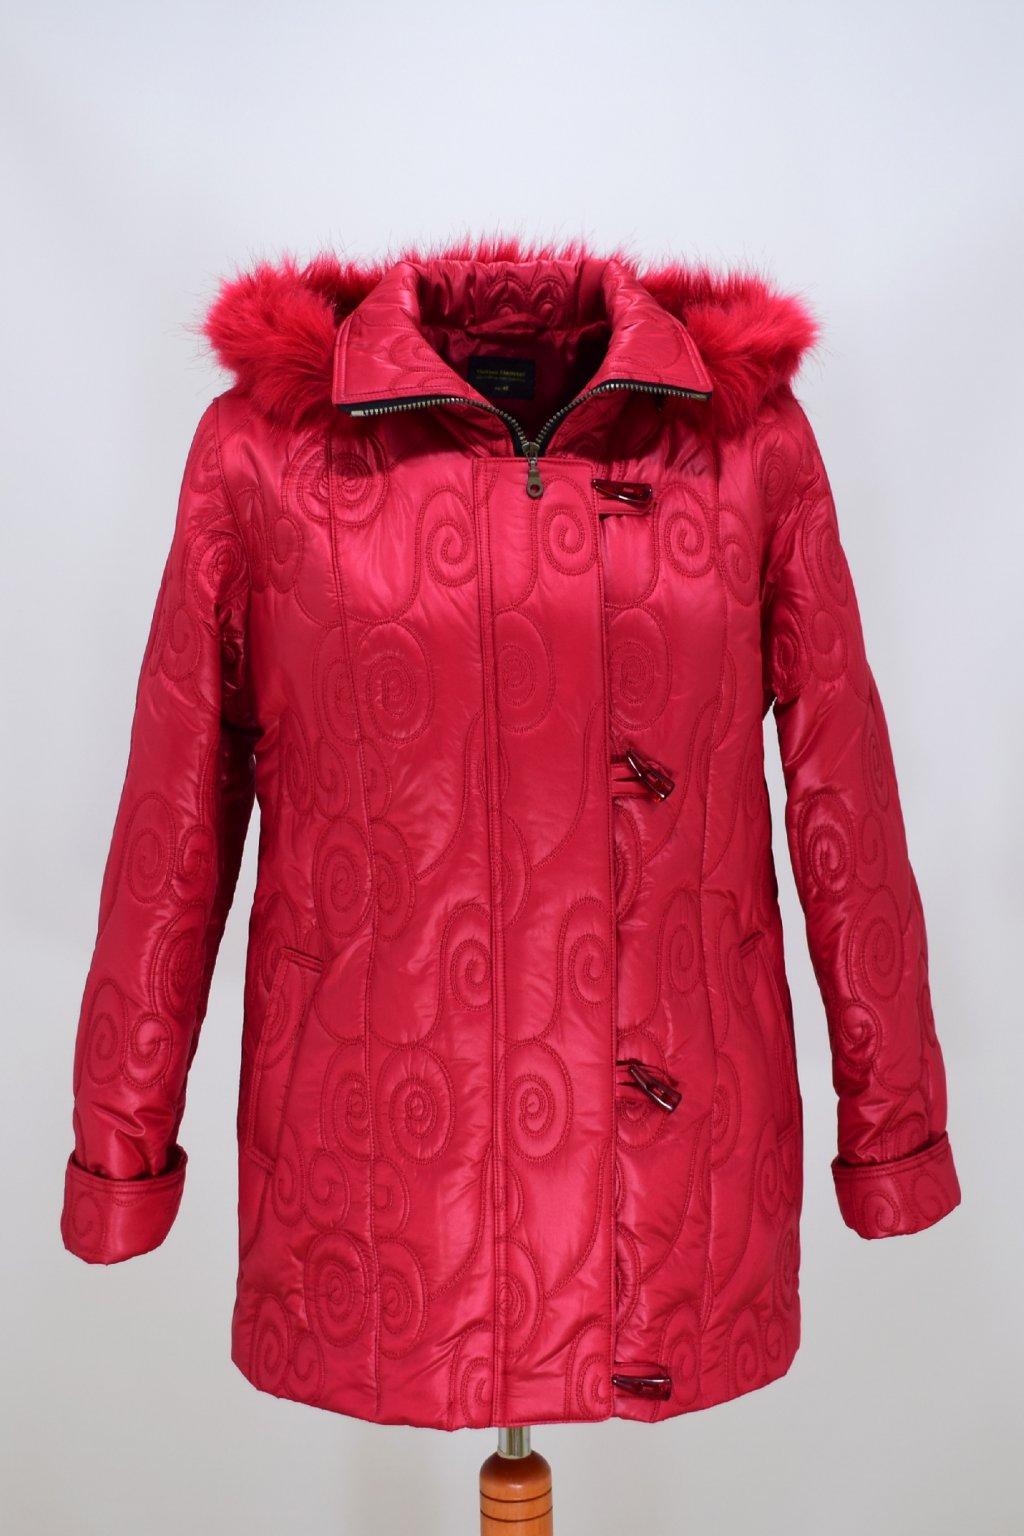 Dámská červená zimní bunda Monika nadměrné velikosti